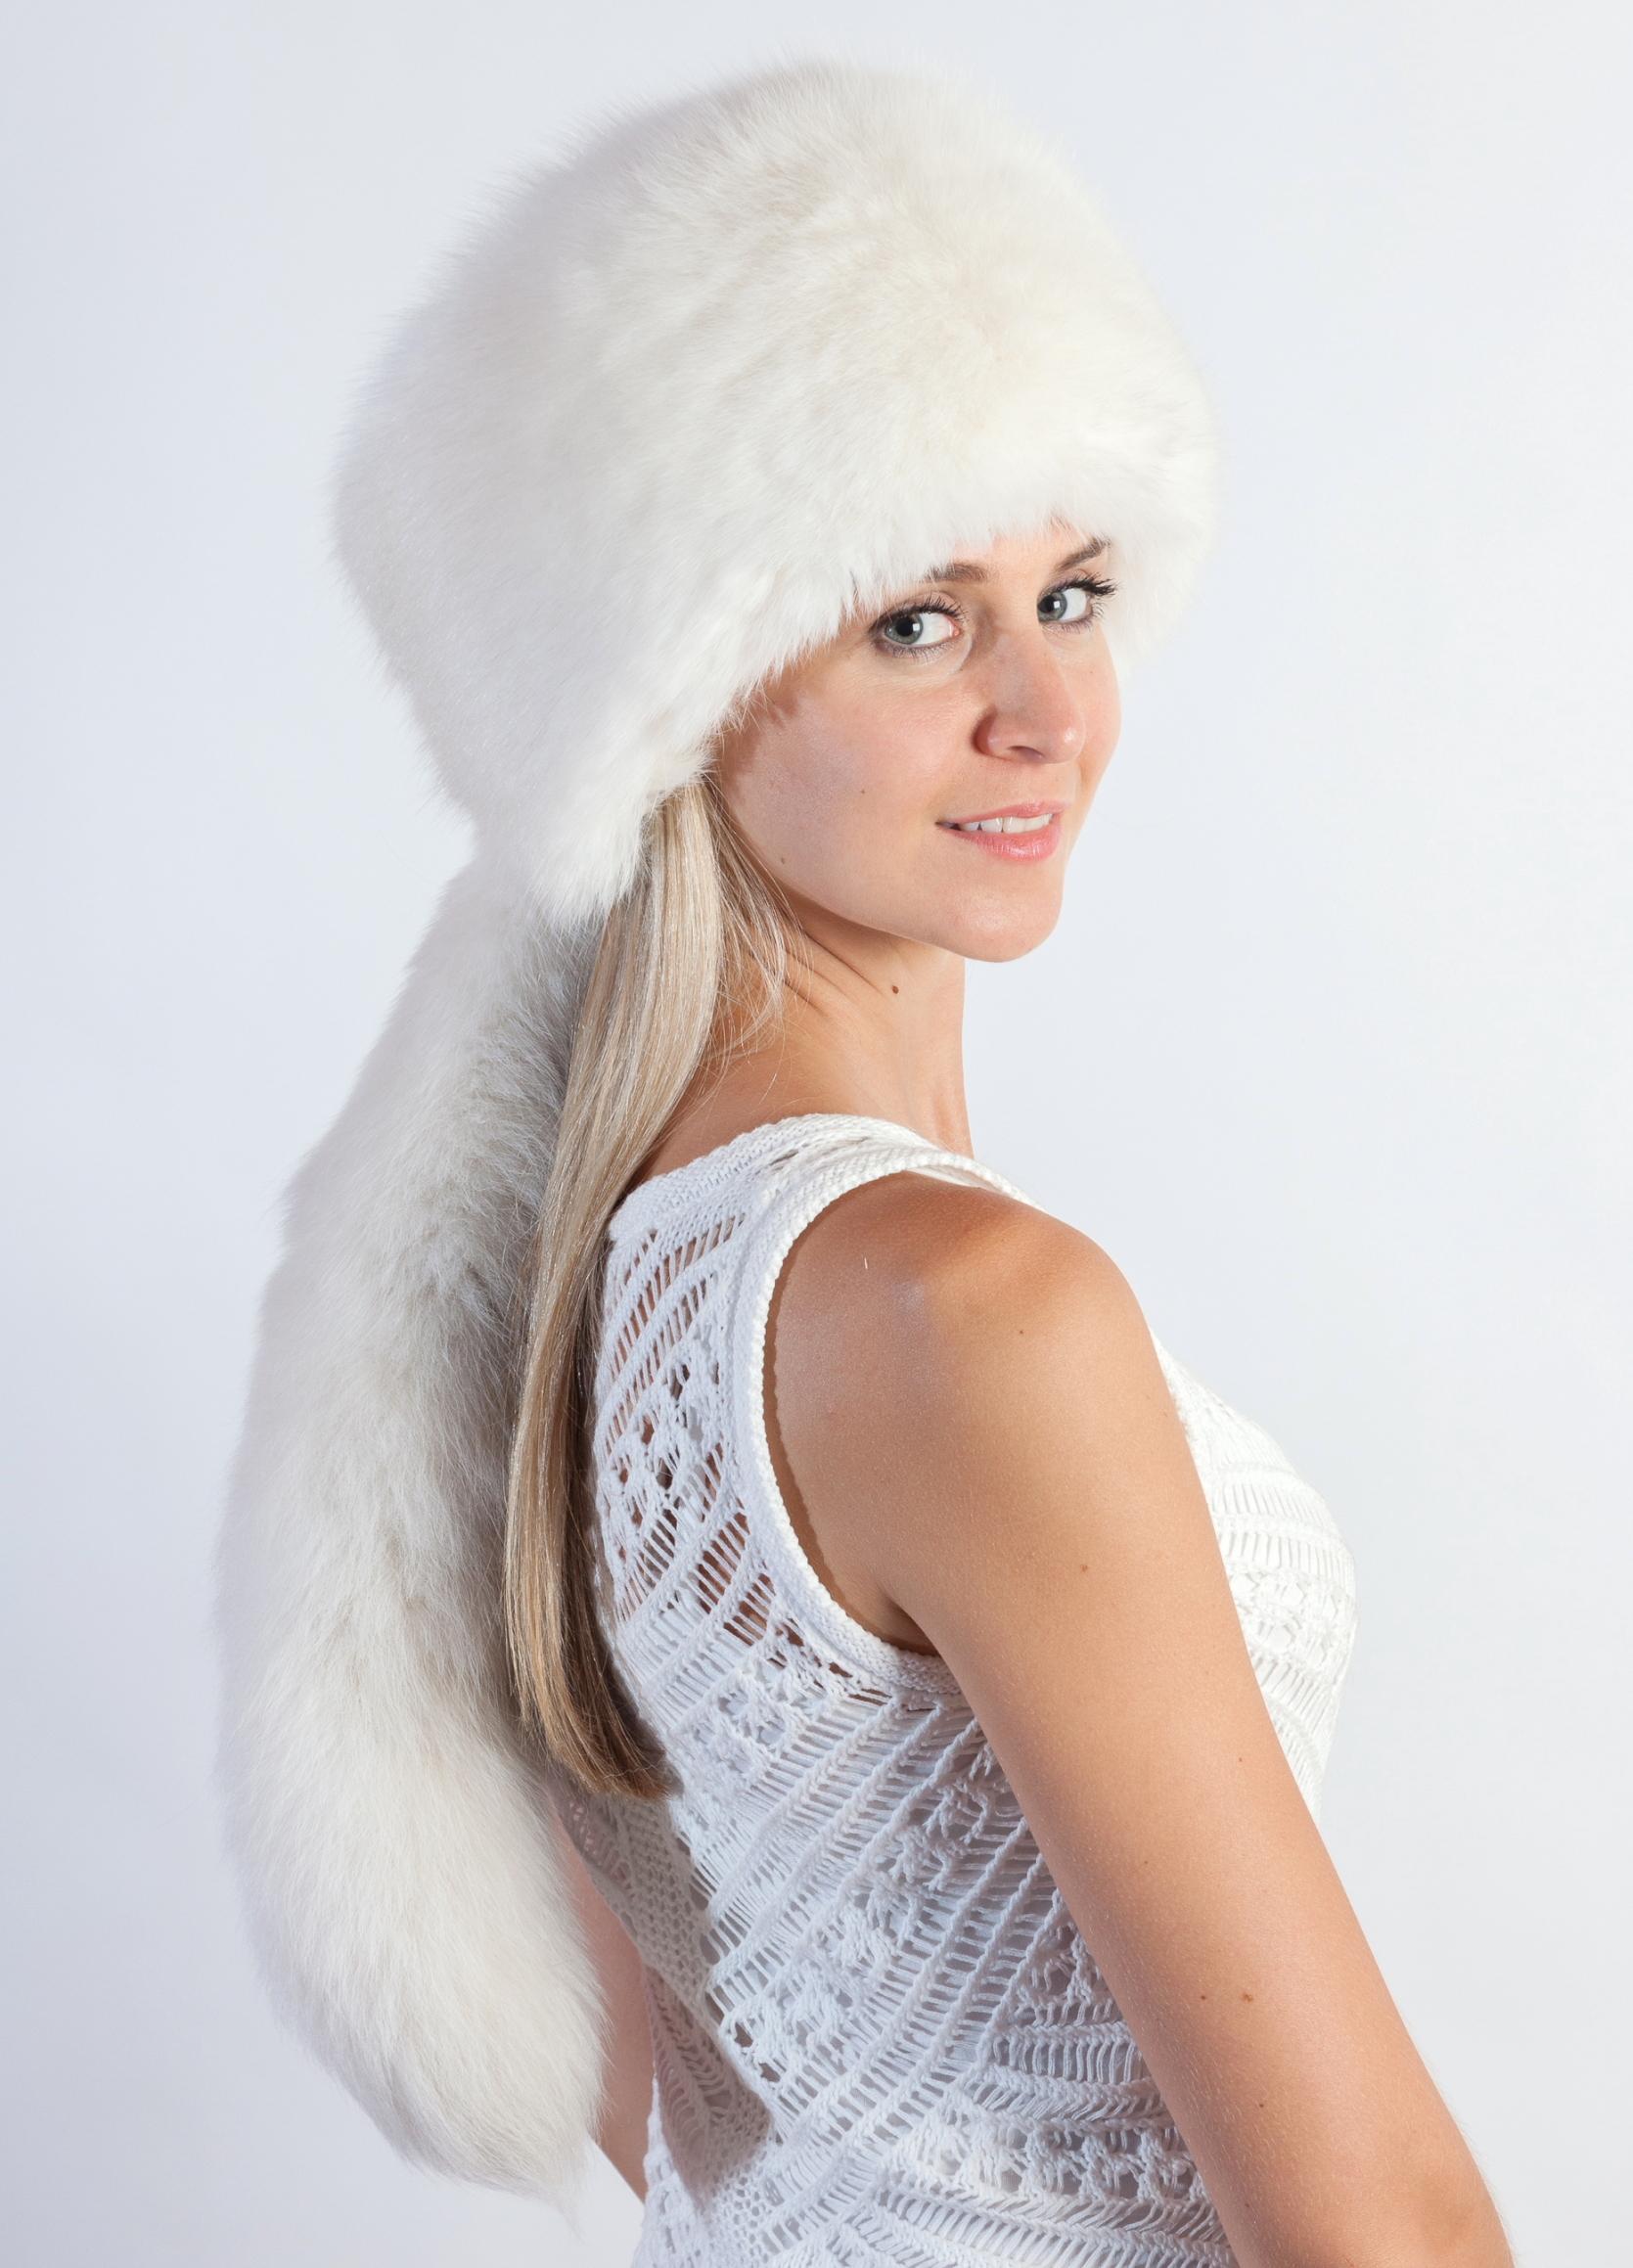 Il soffice cappello in volpe bianca da sposa per un matrimonio elegante 4c712884d6e7